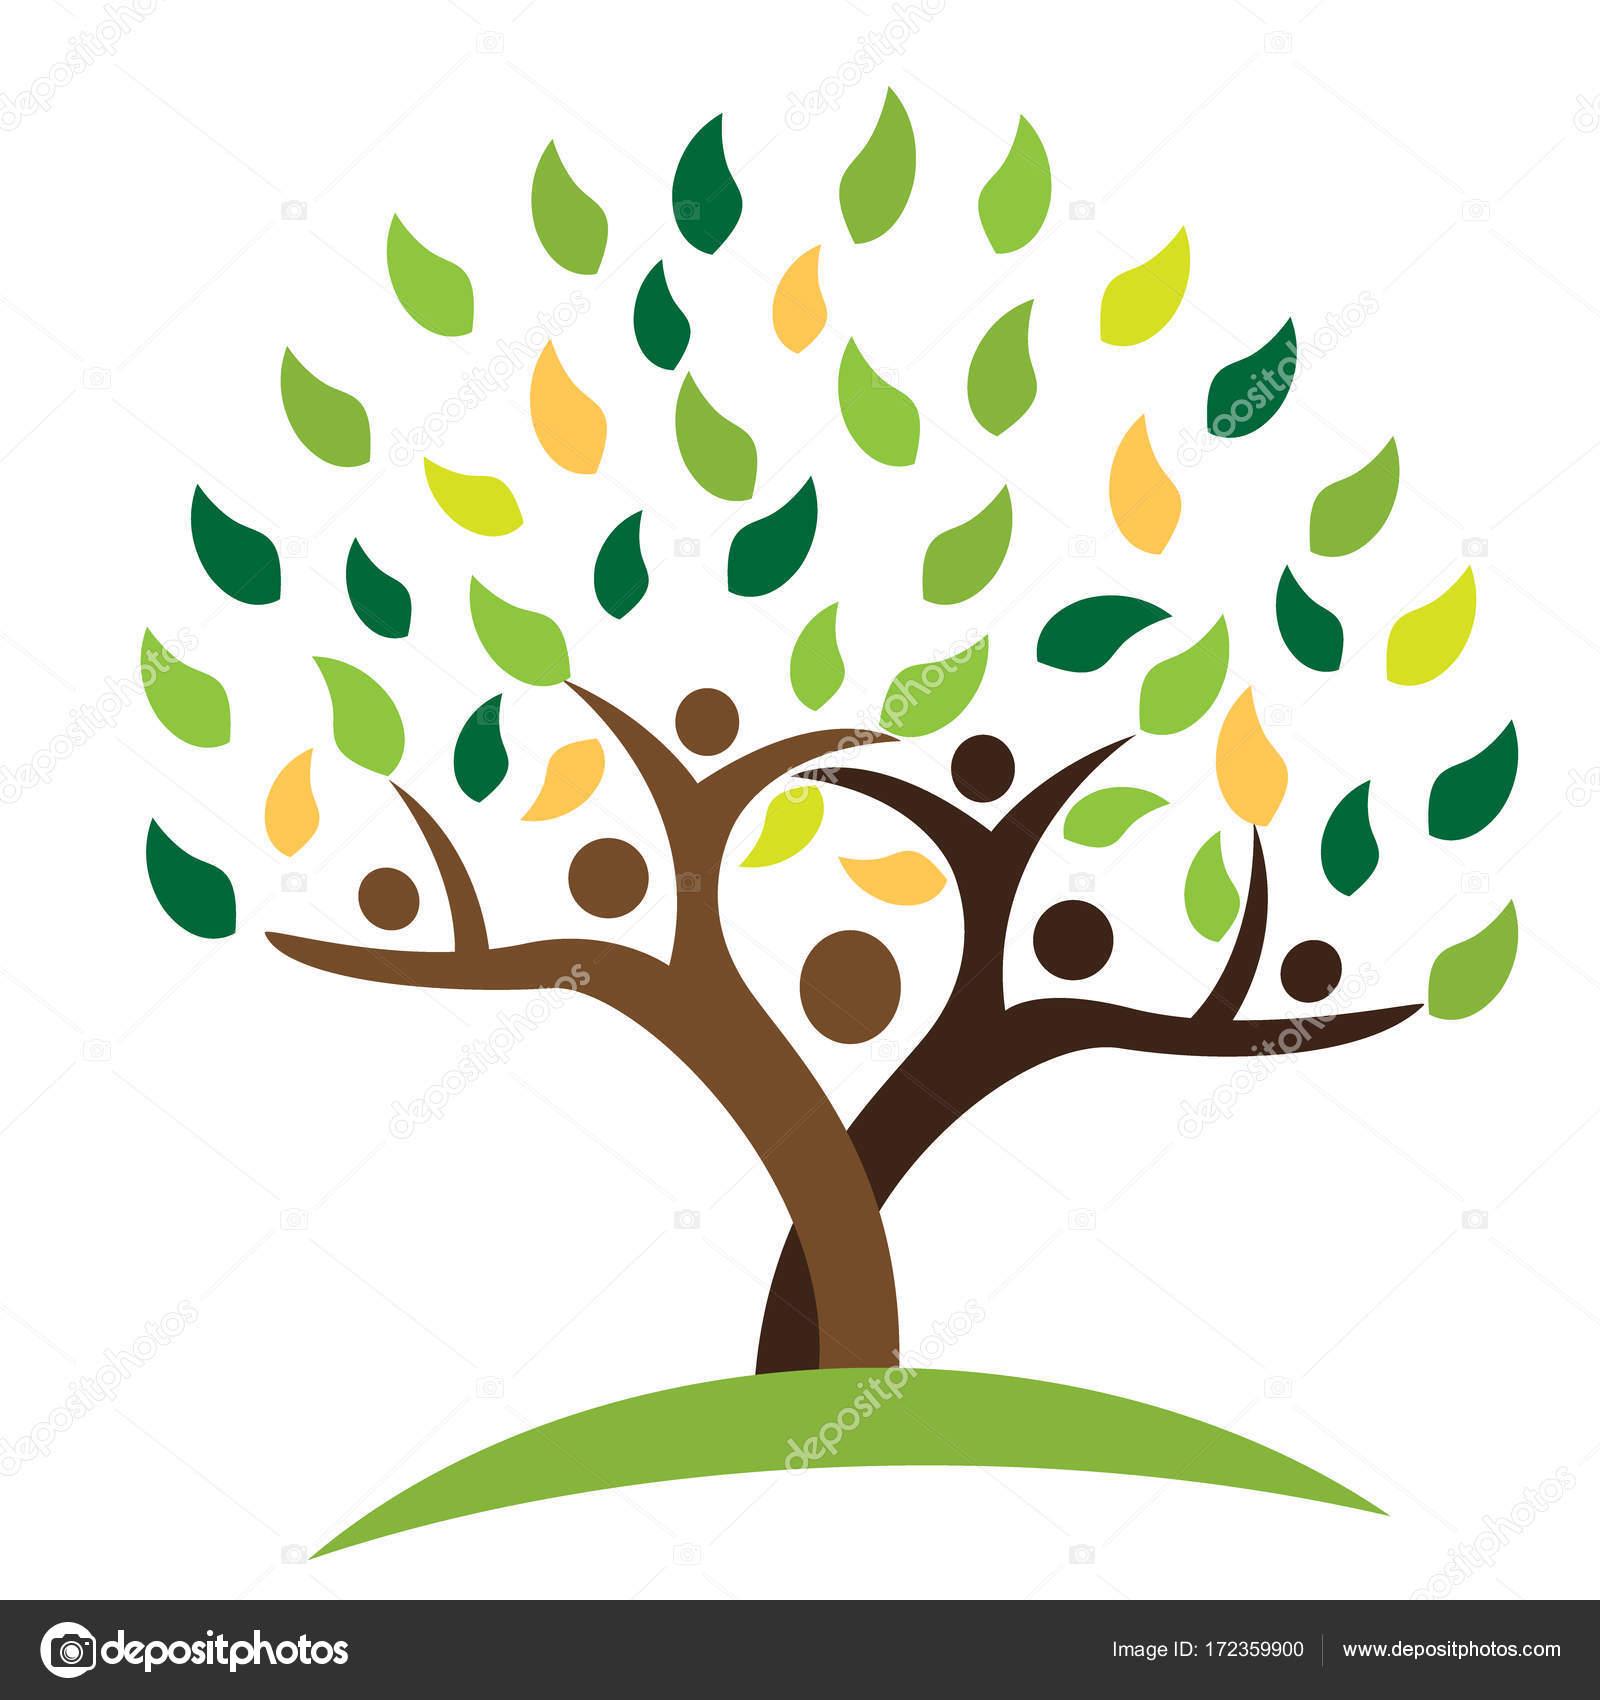 Arbol Familiar Con Manos Gente De La Familia Del árbol Verde Hojas